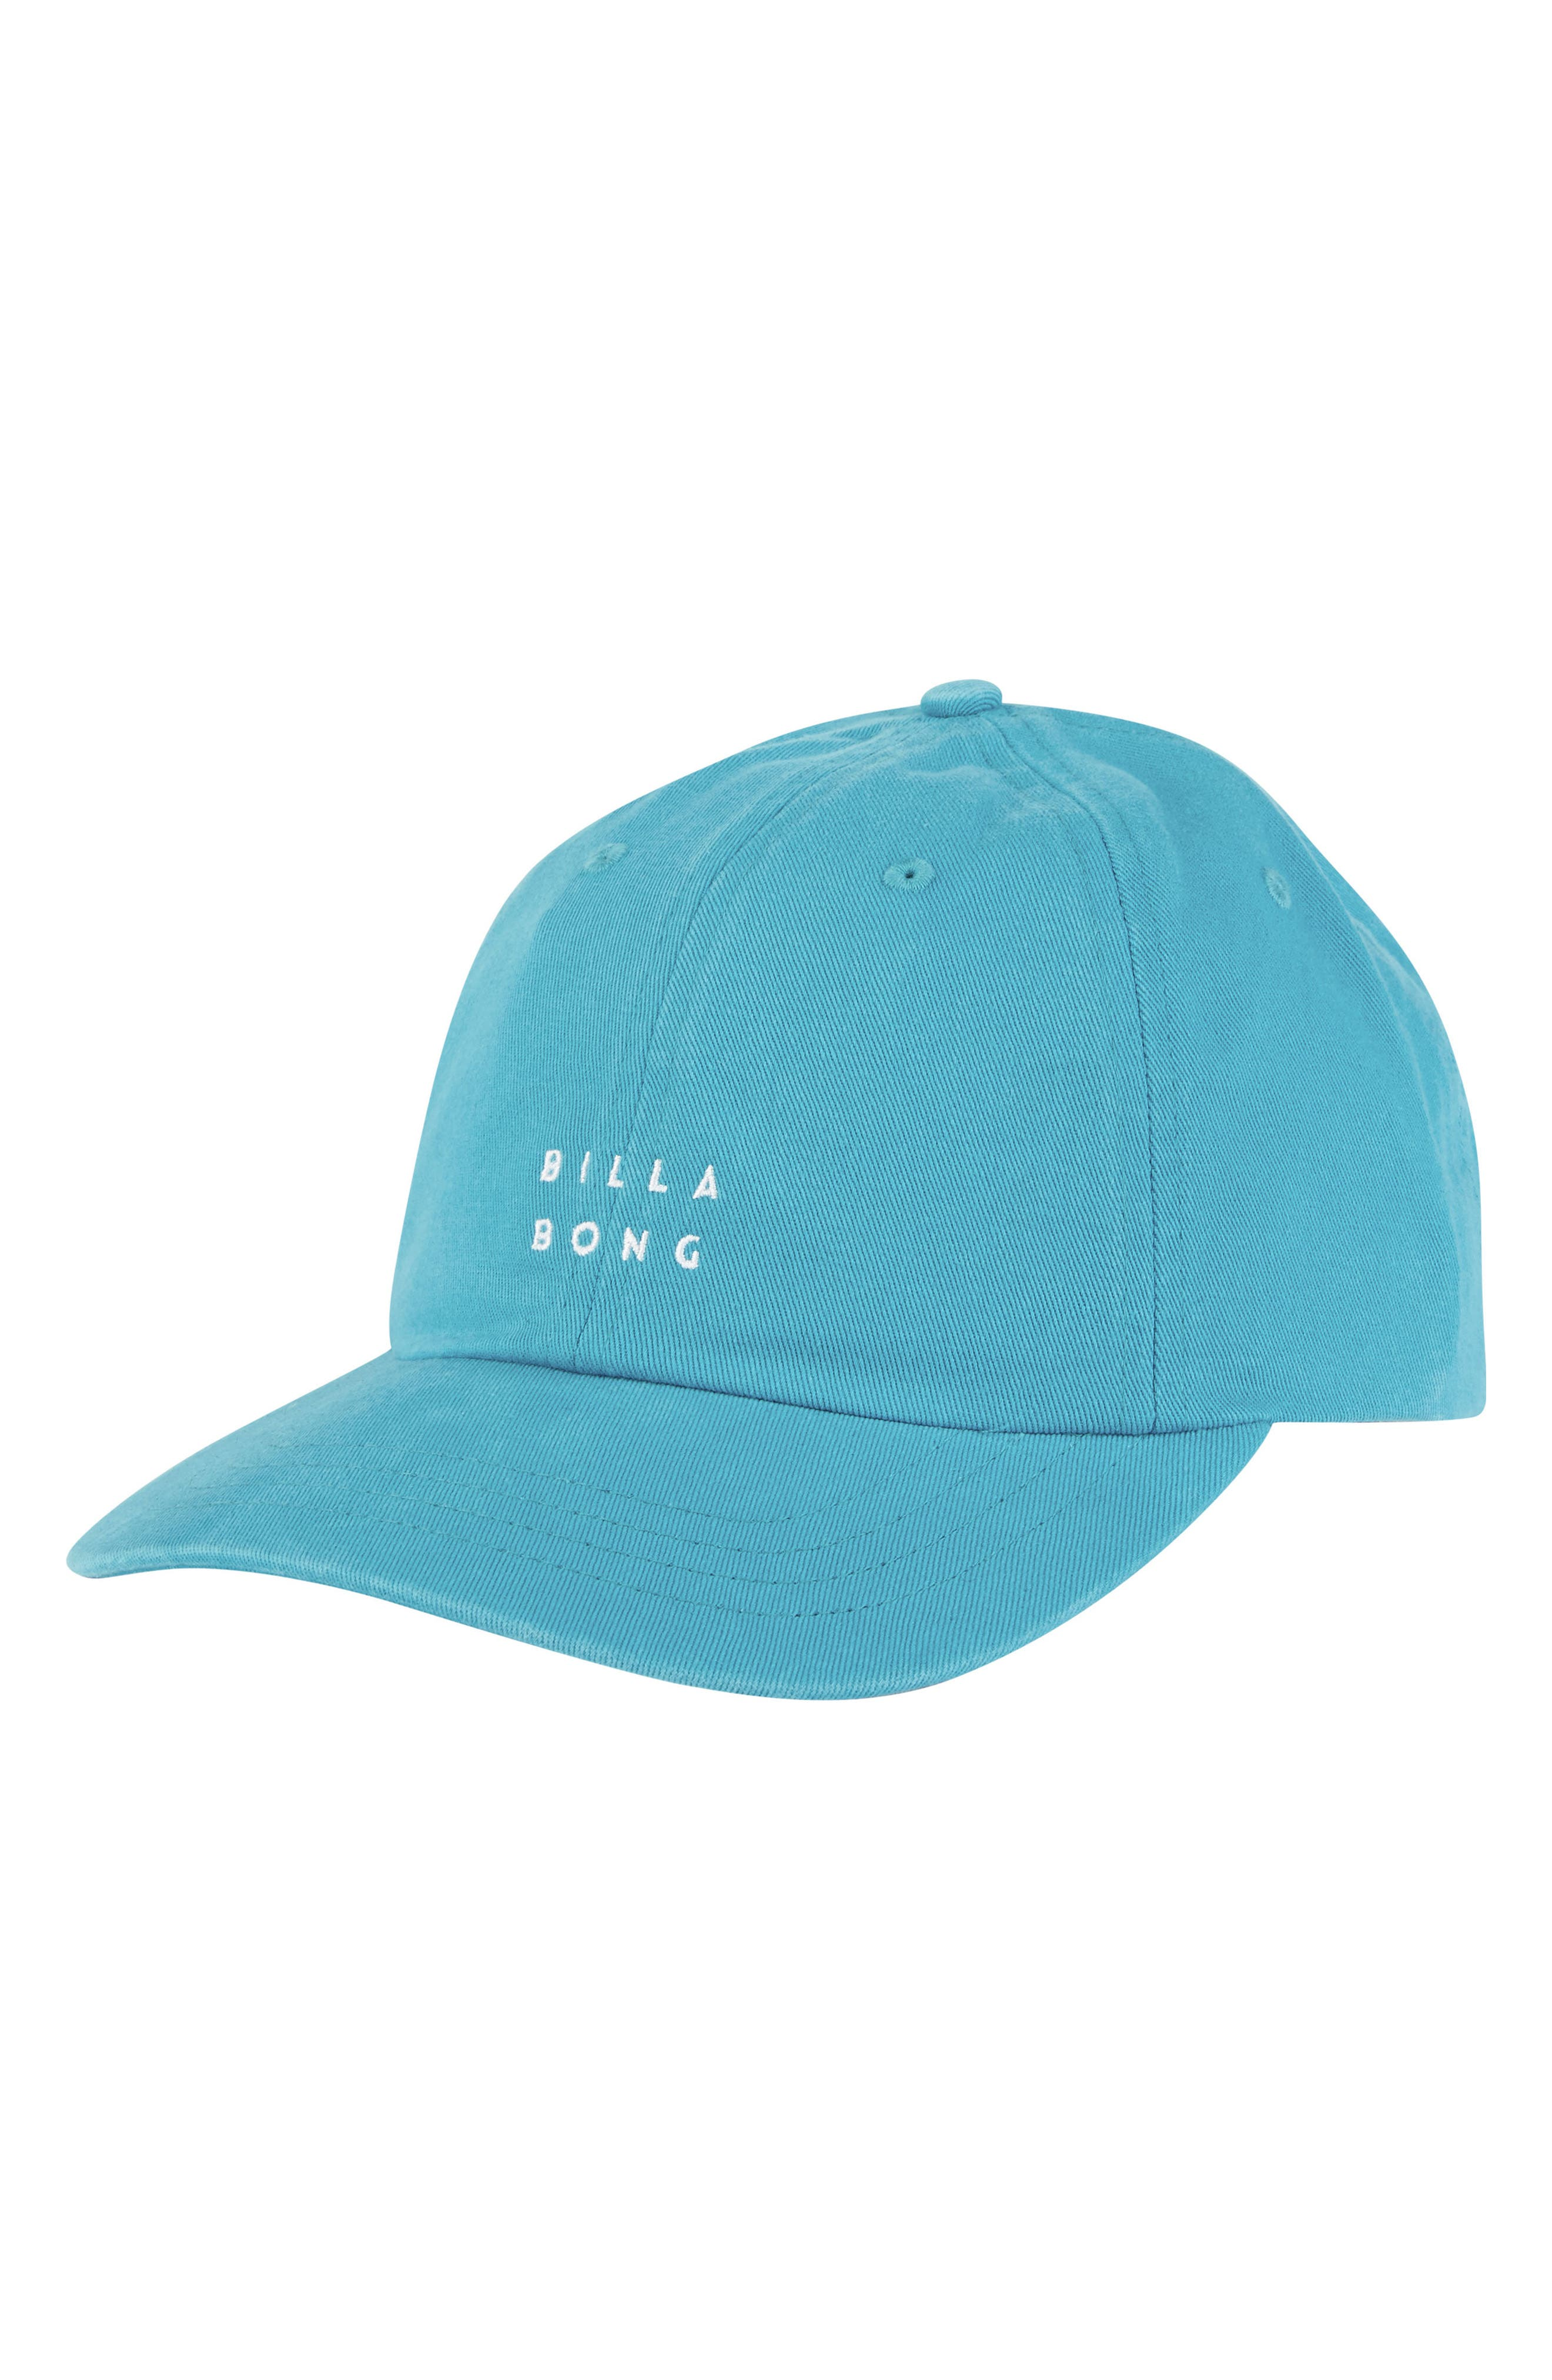 Die Cut Lad Hat,                             Main thumbnail 1, color,                             Turquoise